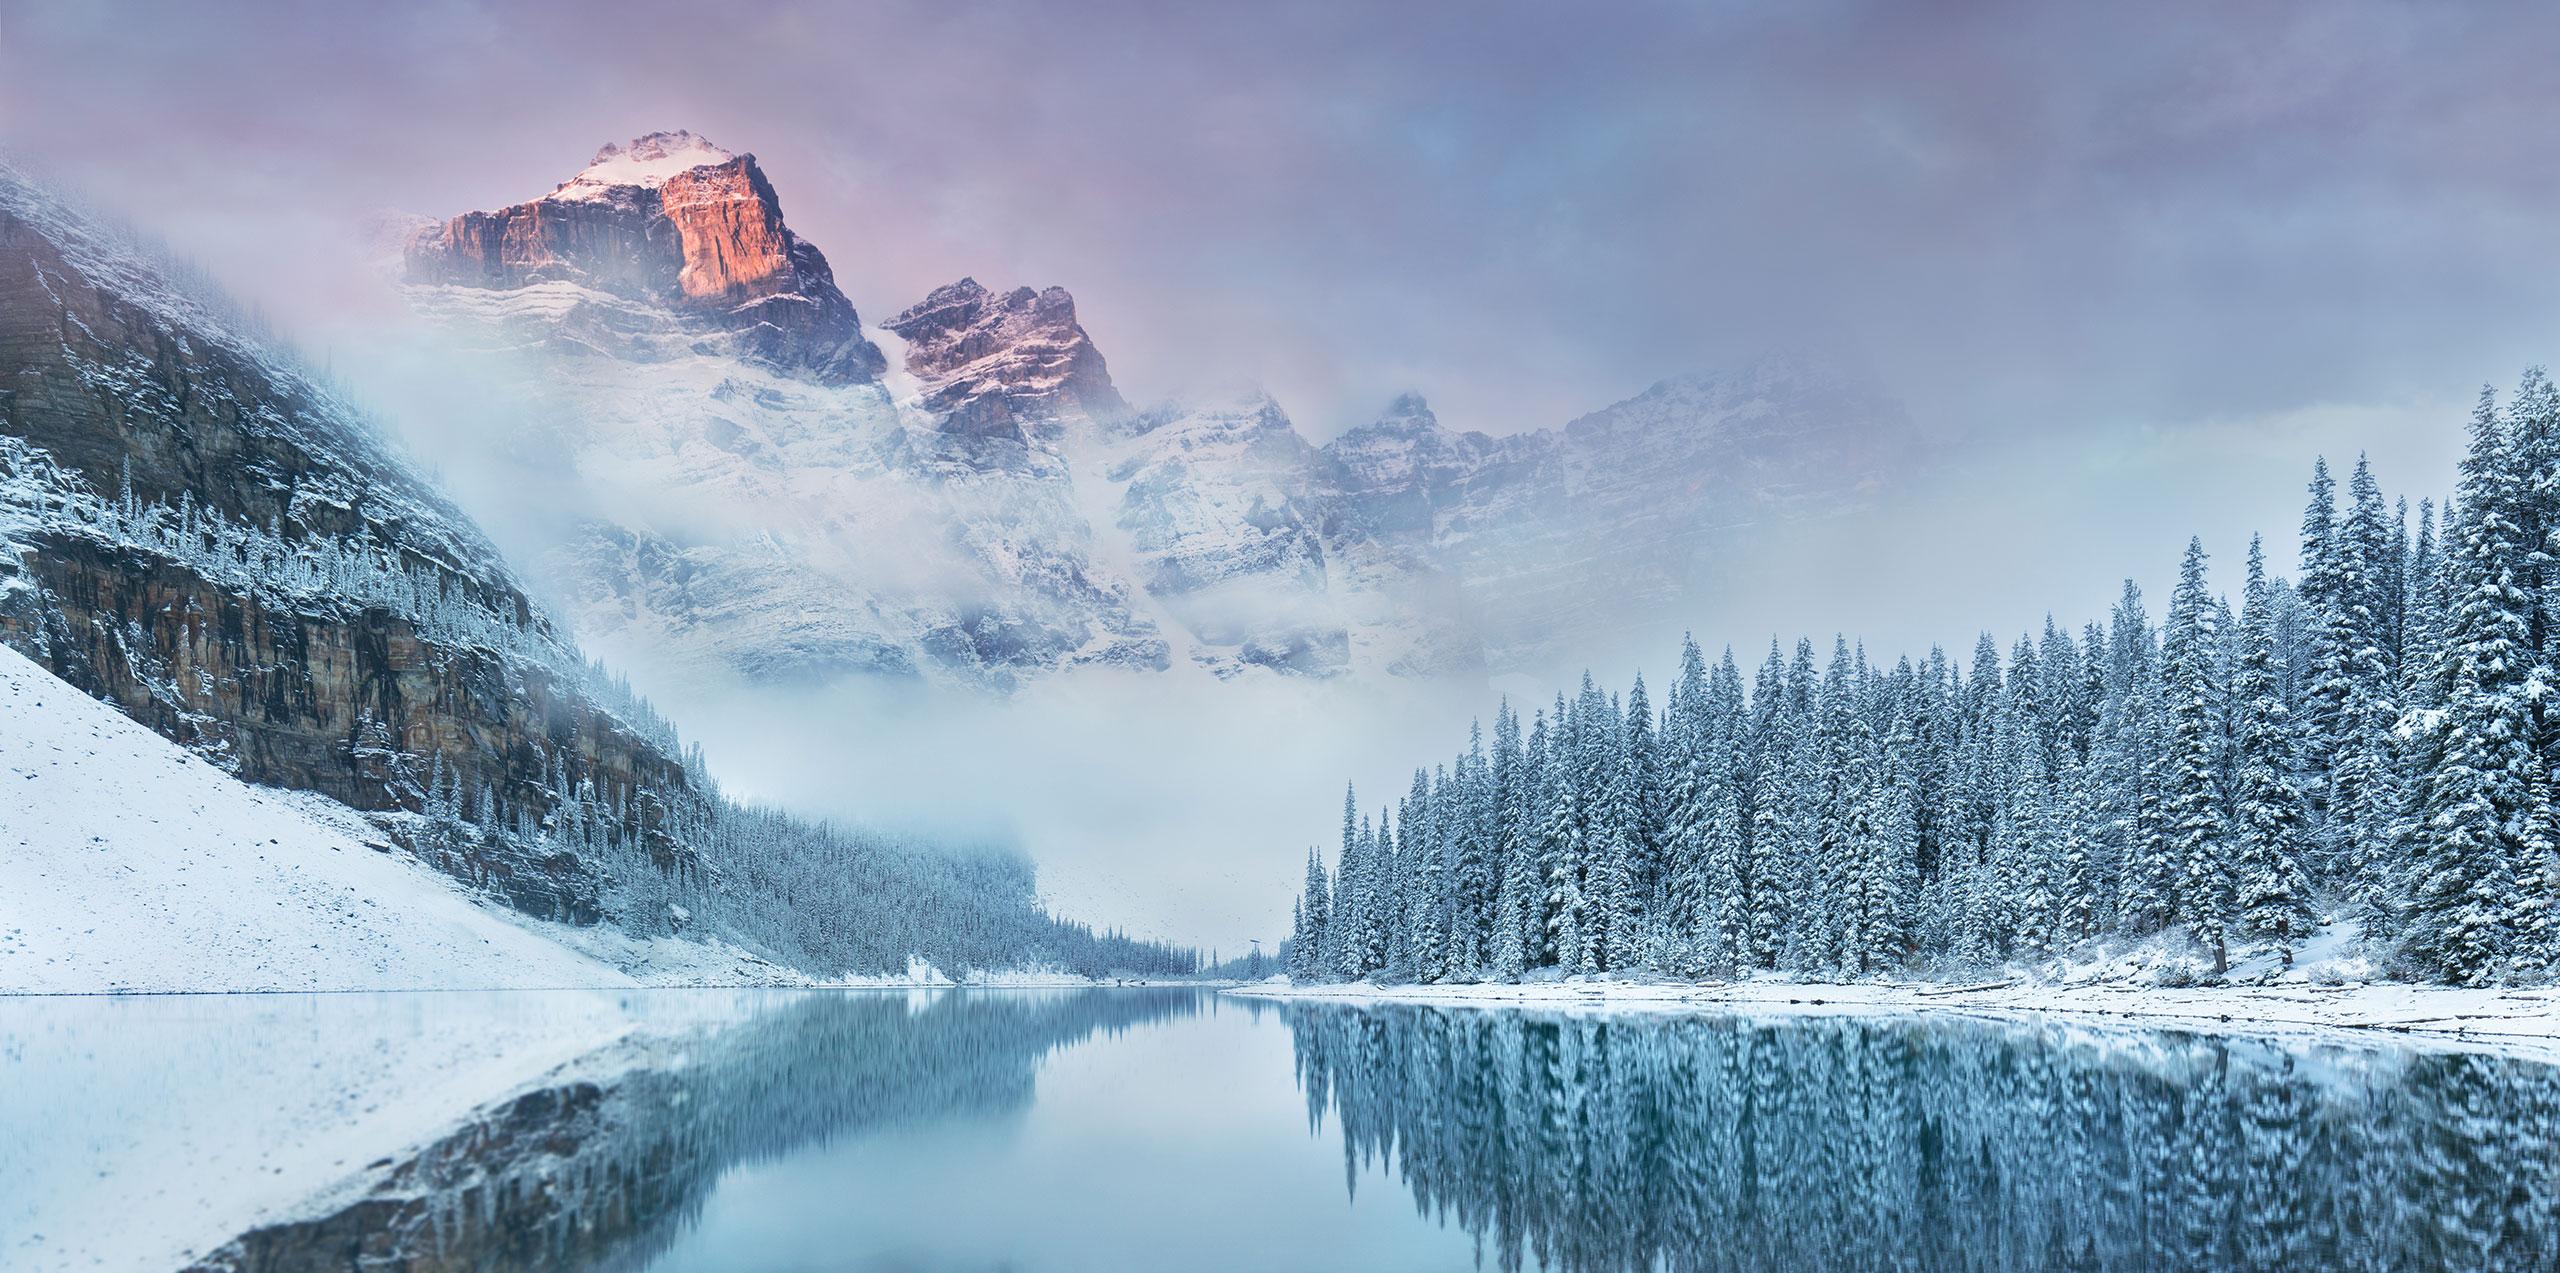 Moraine Lake in Canada; Courtesy of Michal Balada/Shutterstock.com